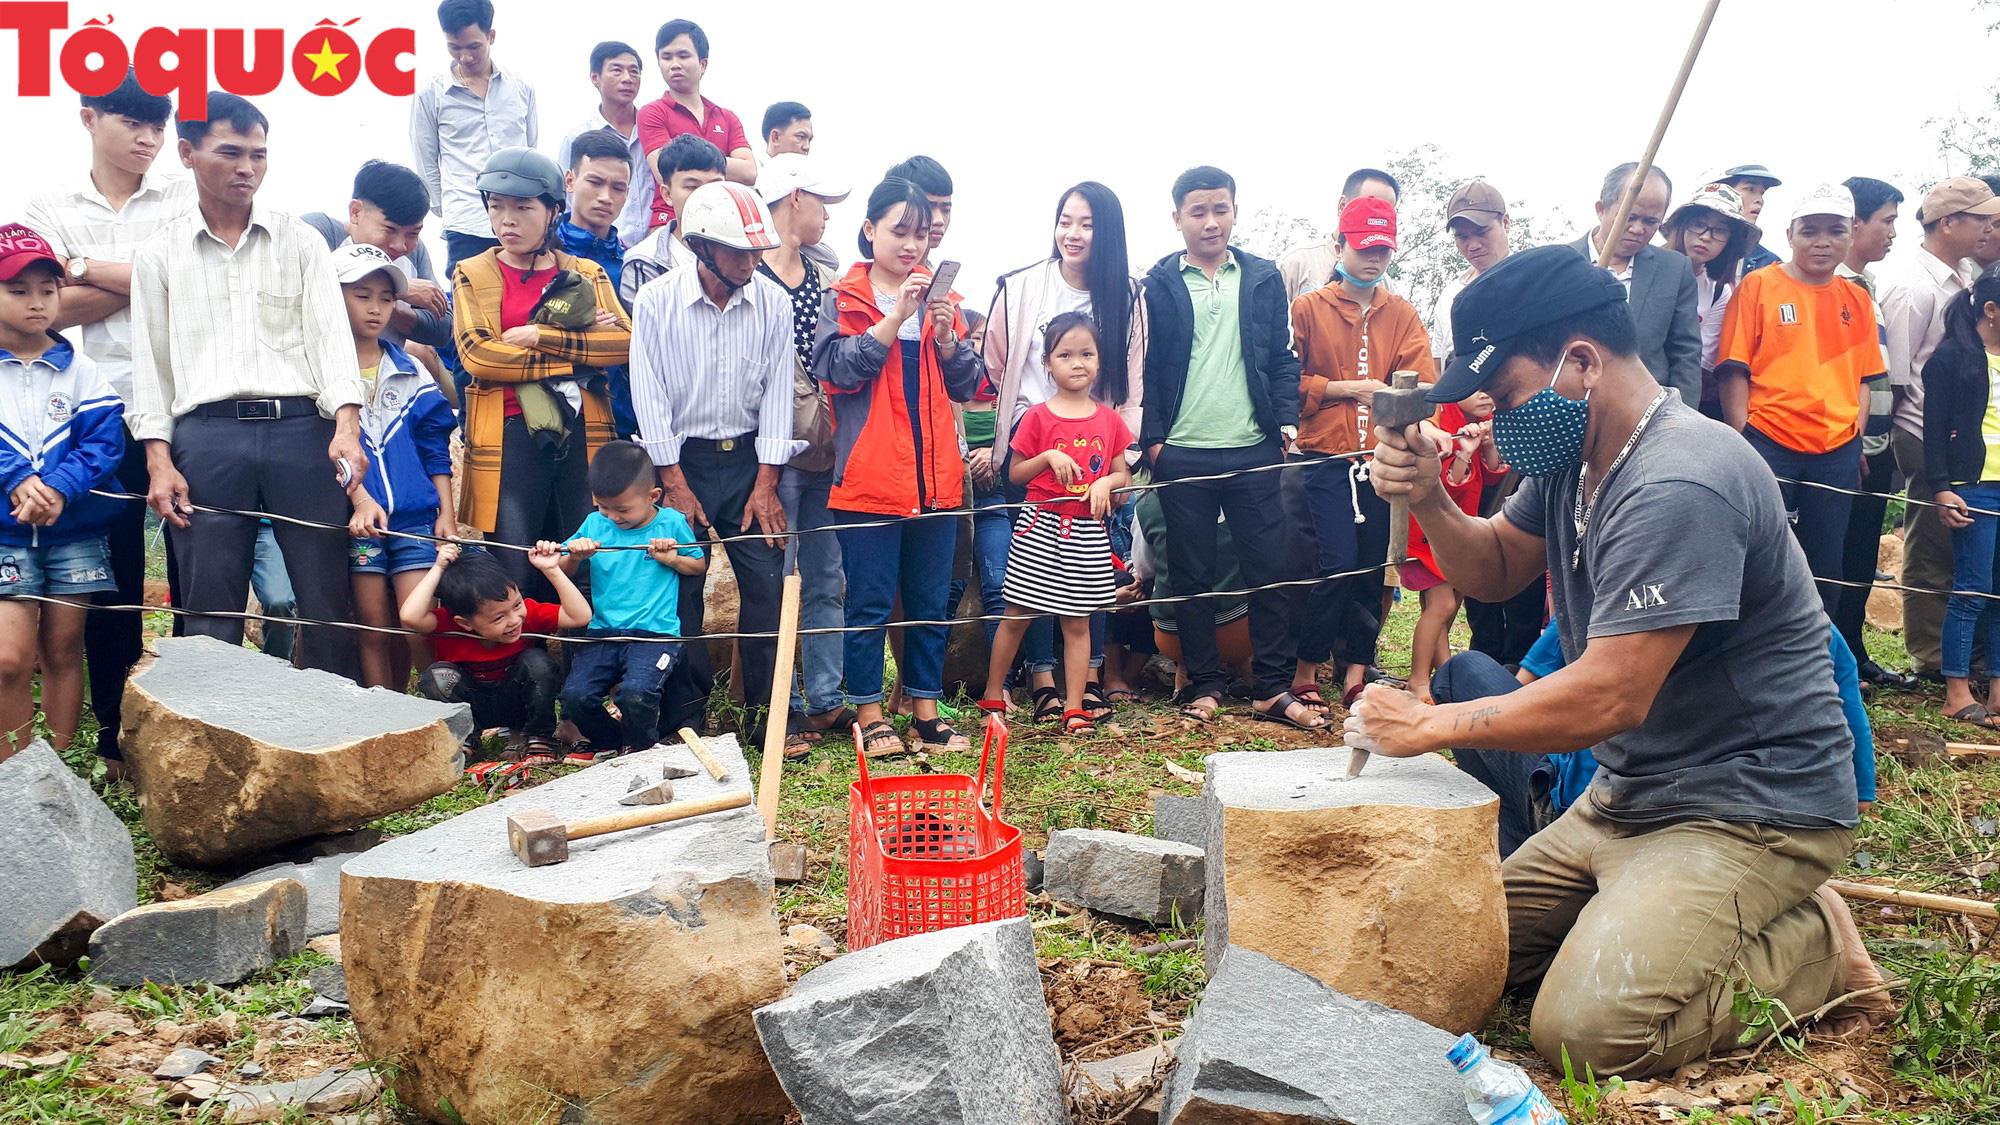 Độc đáo hội thi chẻ đá mồ côi ở Quảng Trị - Ảnh 9.